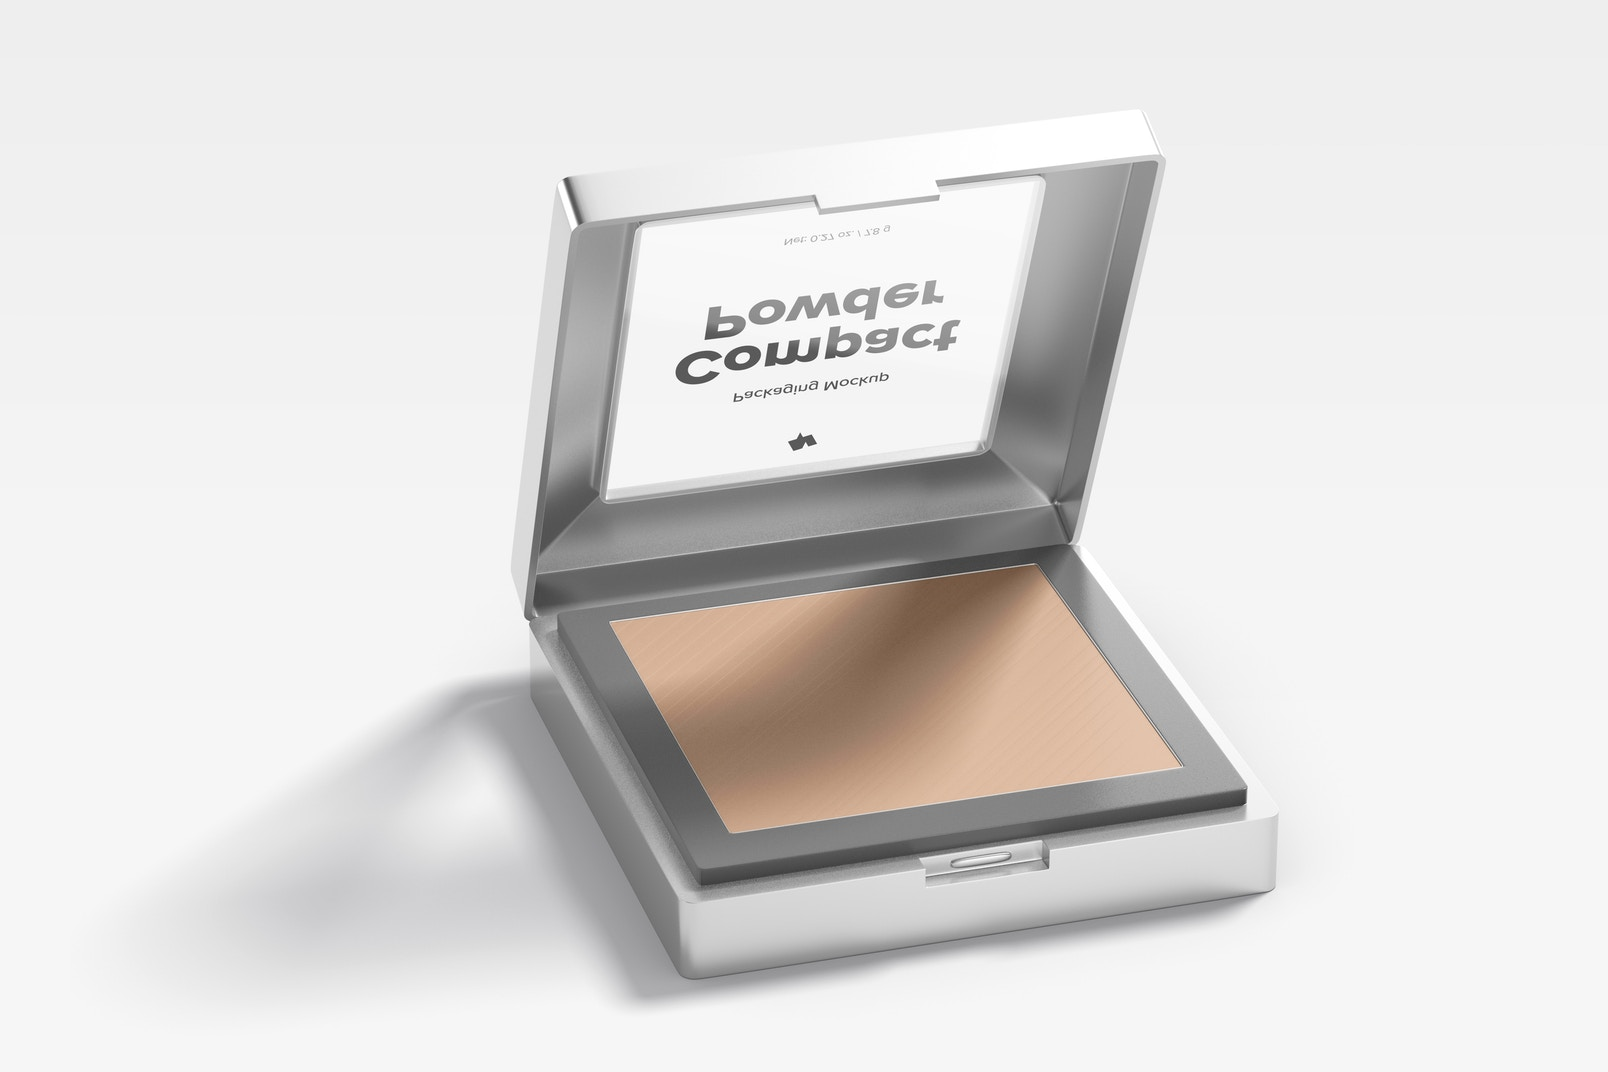 Compact Powder Packaging Mockup